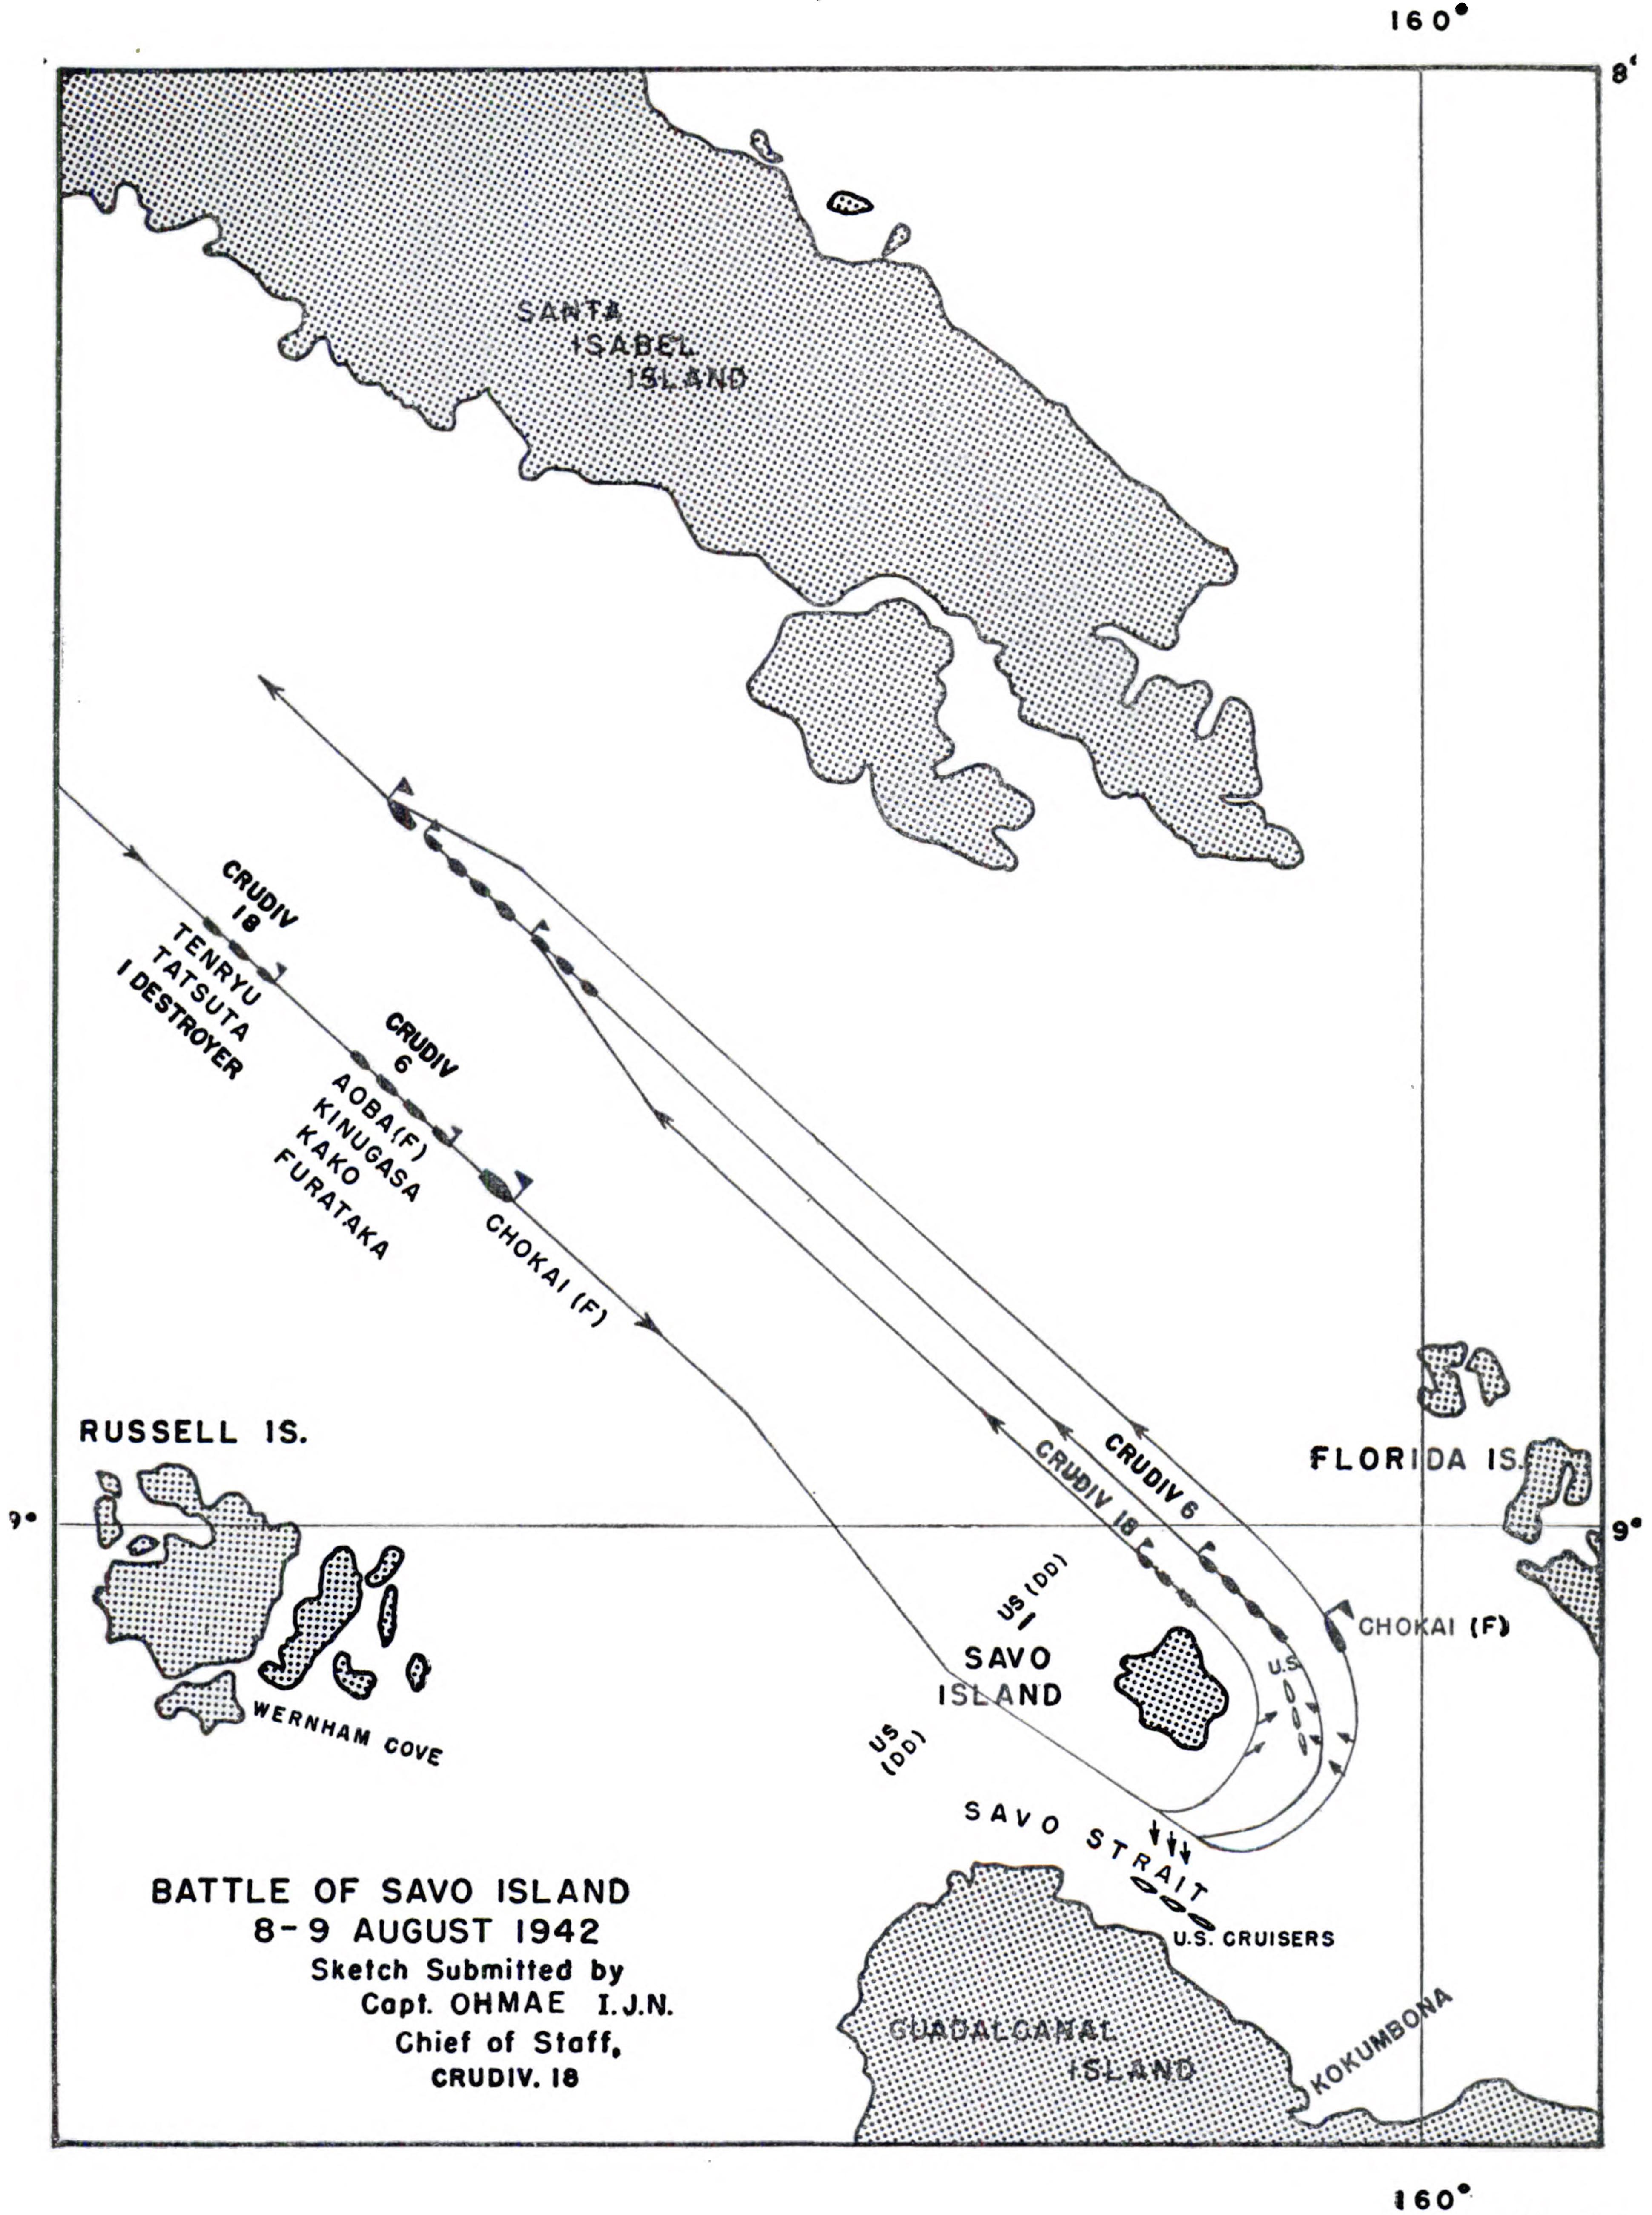 http://upload.wikimedia.org/wikipedia/commons/8/88/SavoJapaneseChart1.jpg